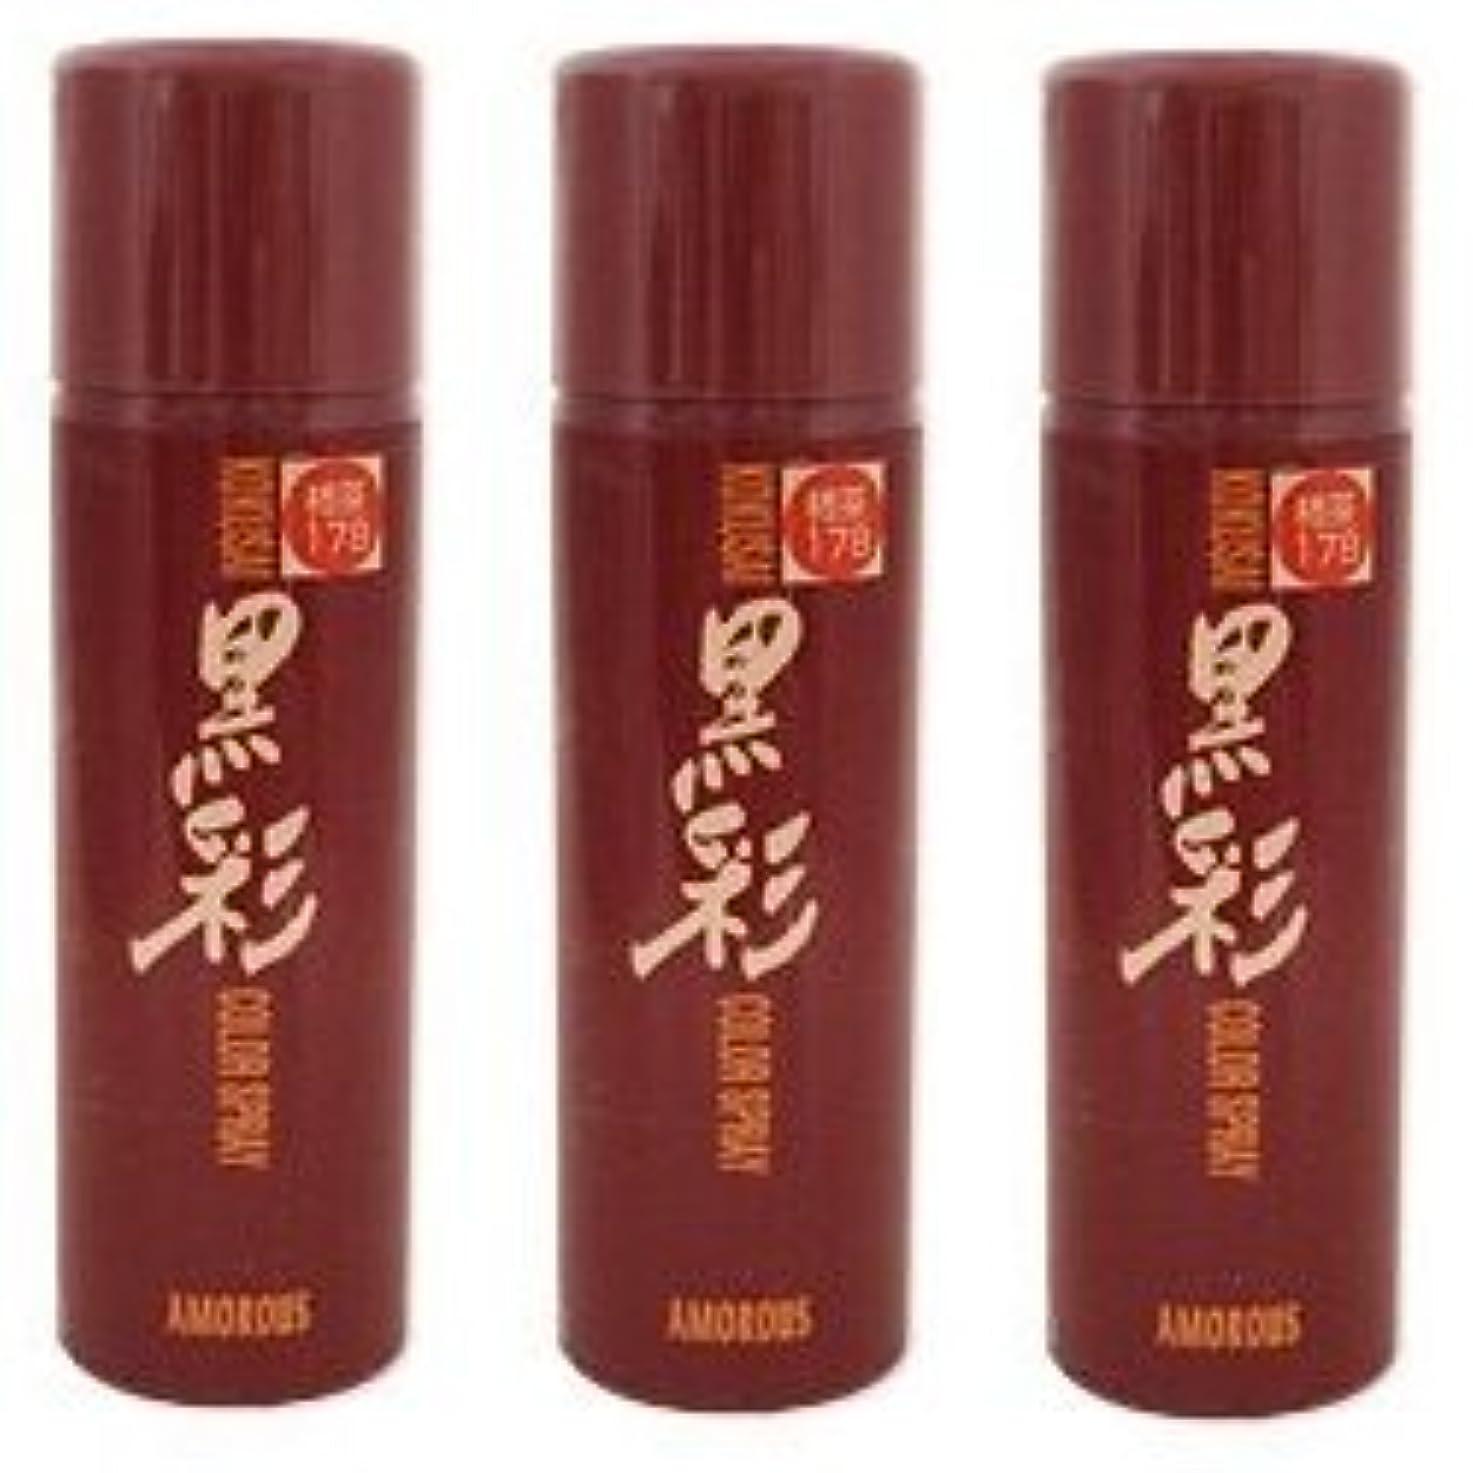 【3本セット】 アモロス 黒彩 ダーリング カラースプレー 135ml 178 S 柿茶 【ヘアカラースプレー】